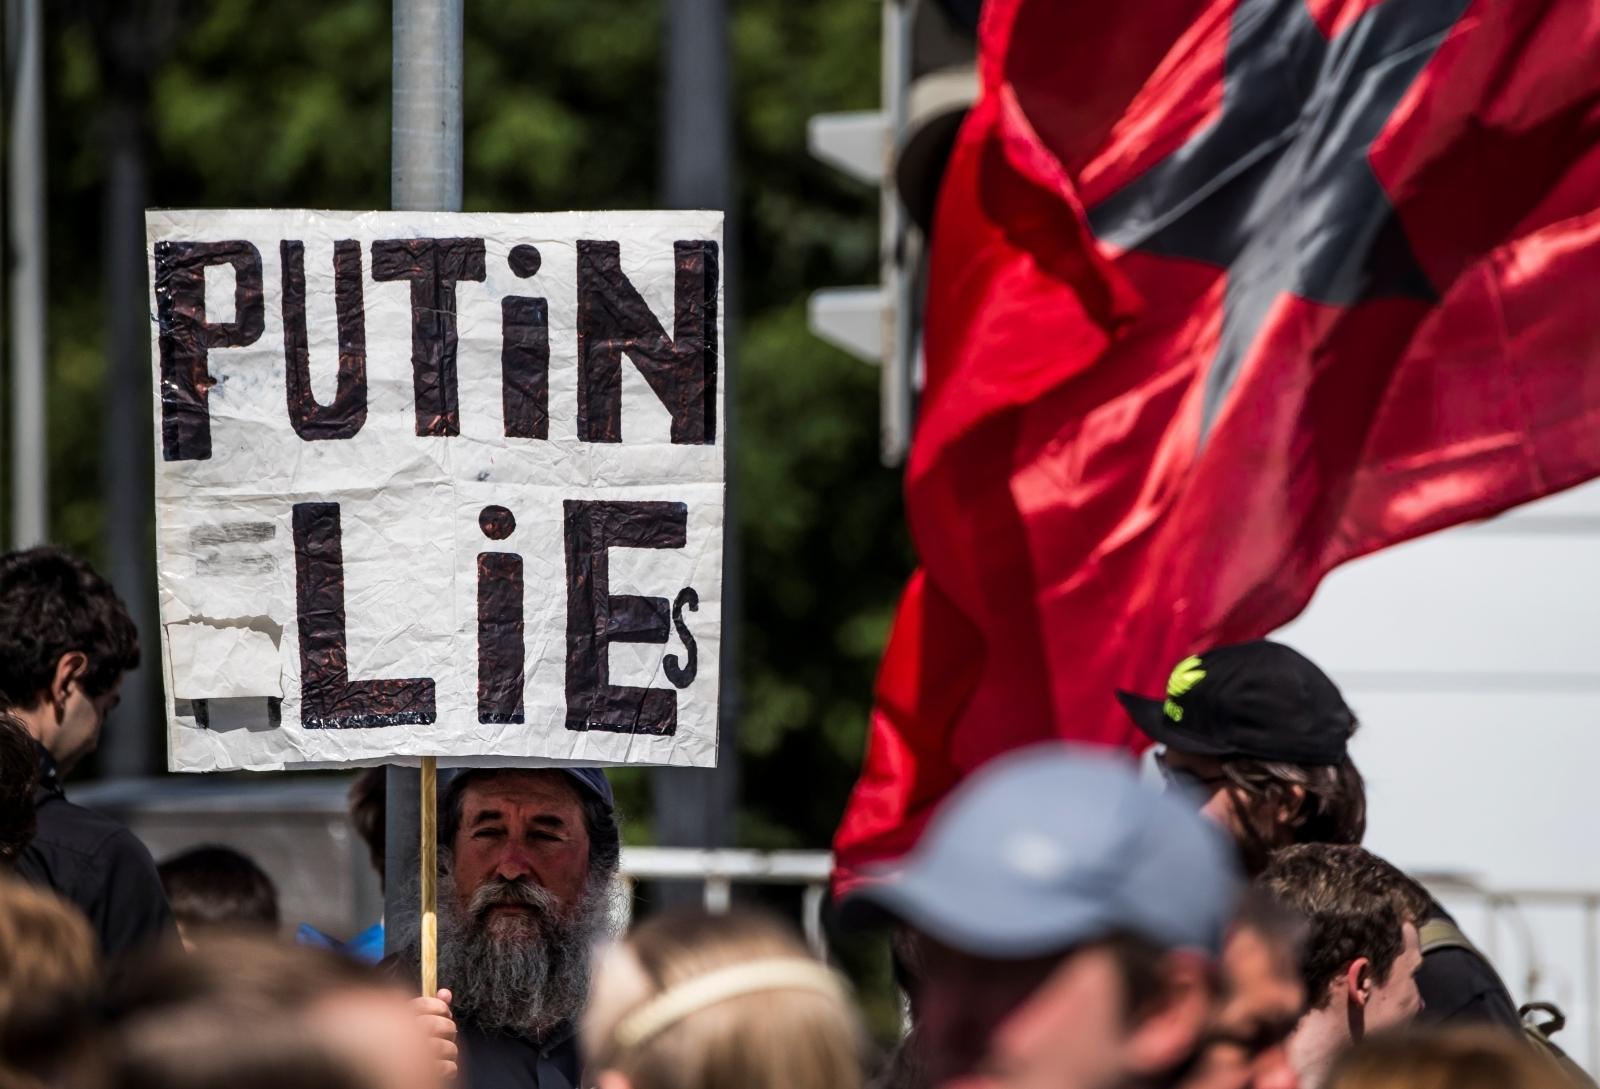 Putin Lies sign